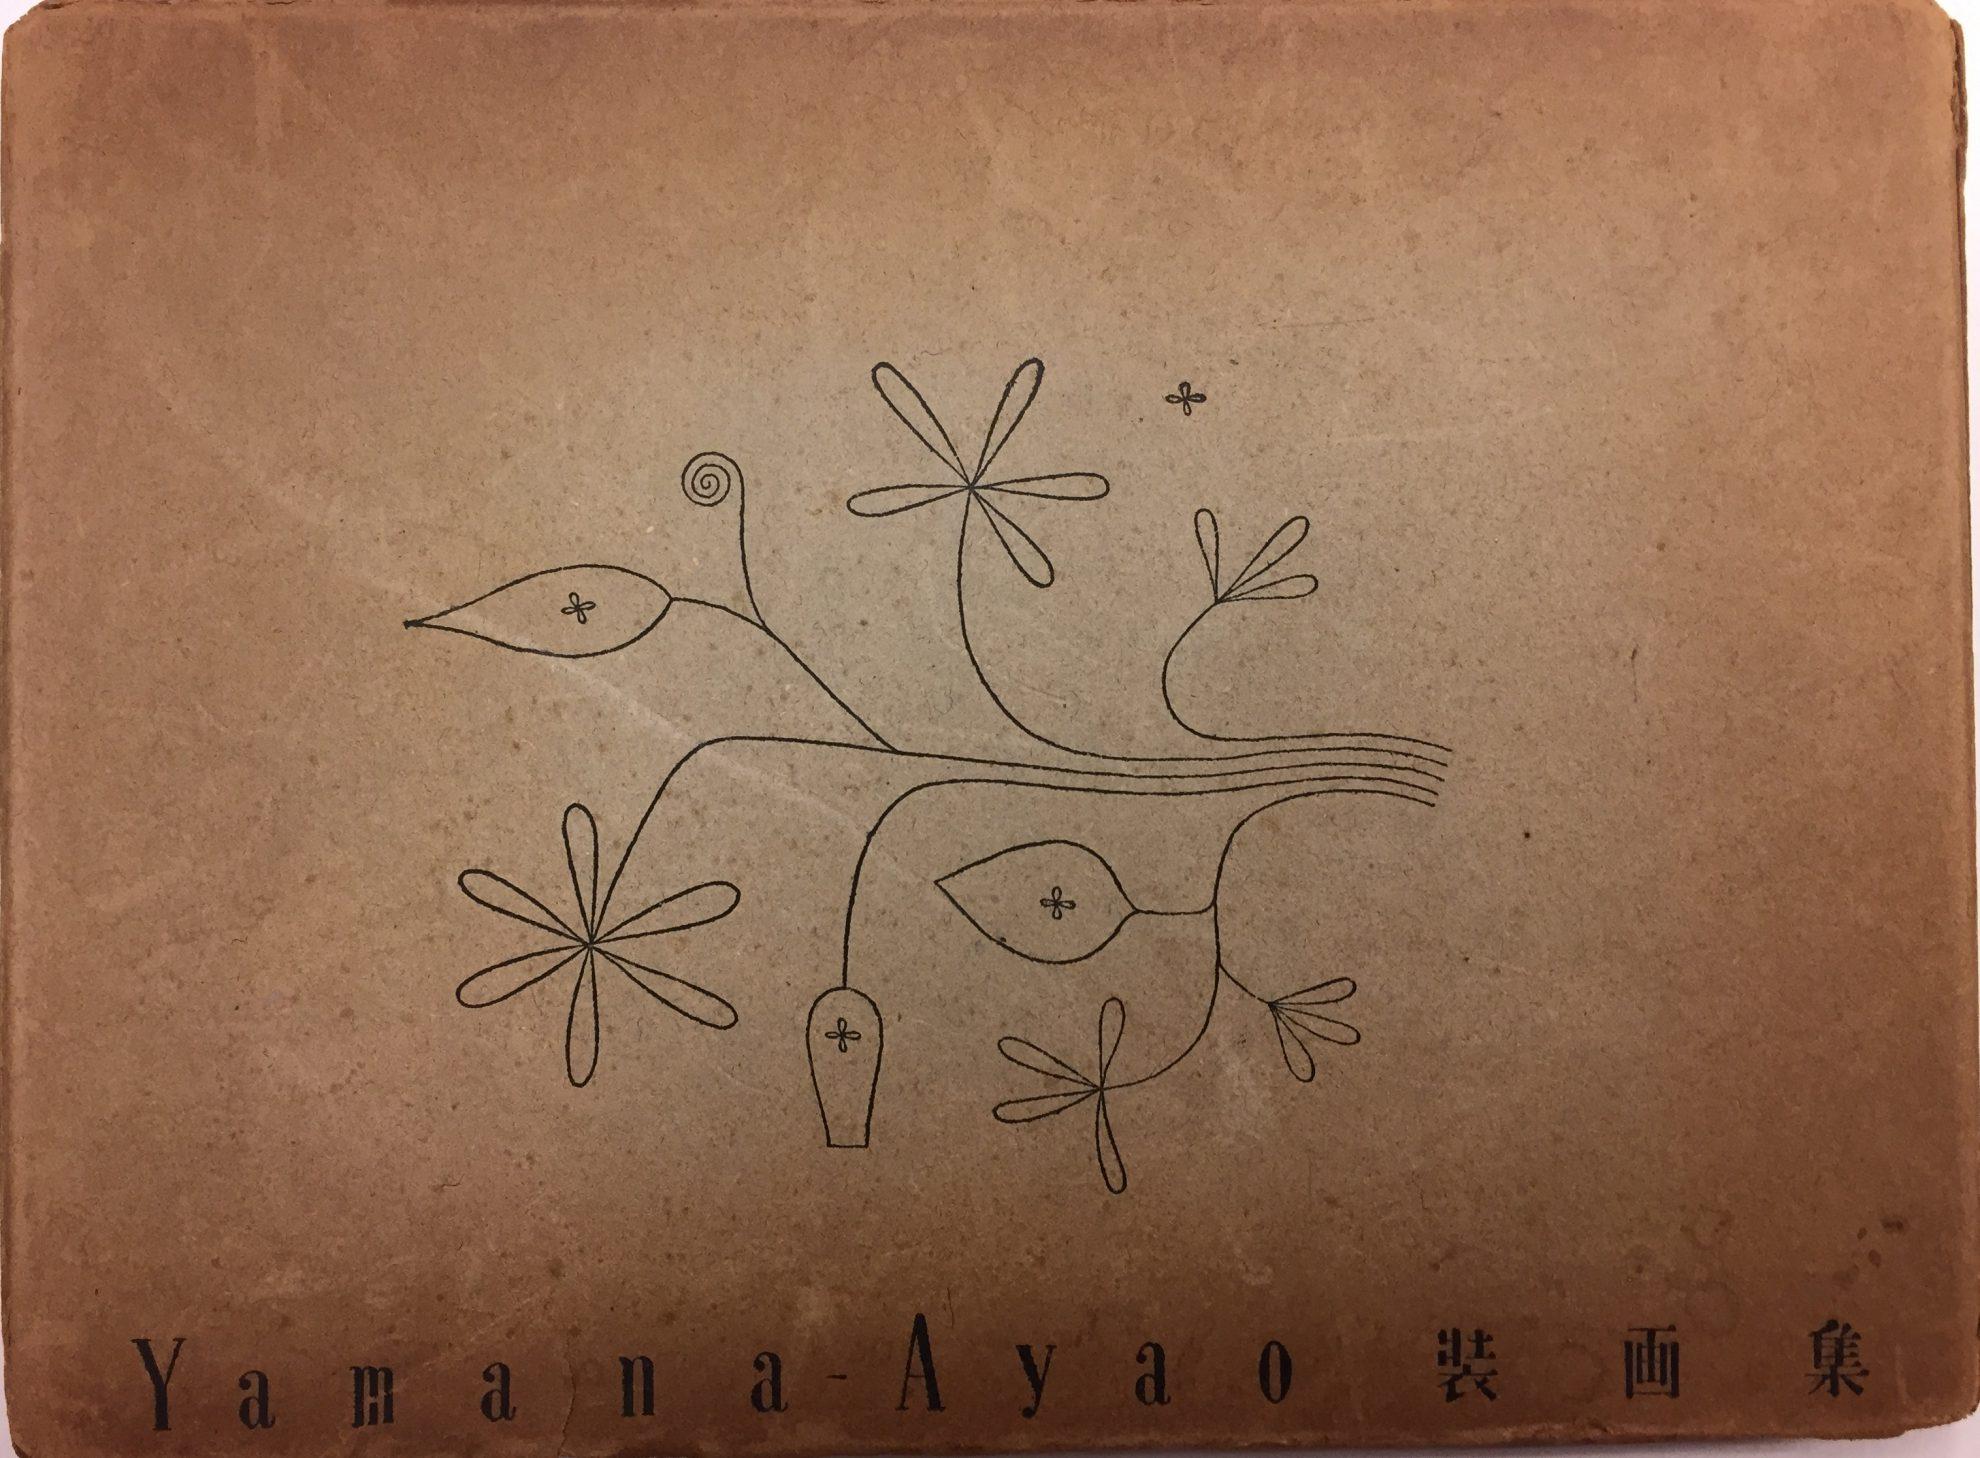 『浮世絵聚花』ほか大量の美術関係の古本を出張買取りいたしました。 関東を中心にお伺いします。出張買取情報:愛書館 中川書房 東京・神奈川